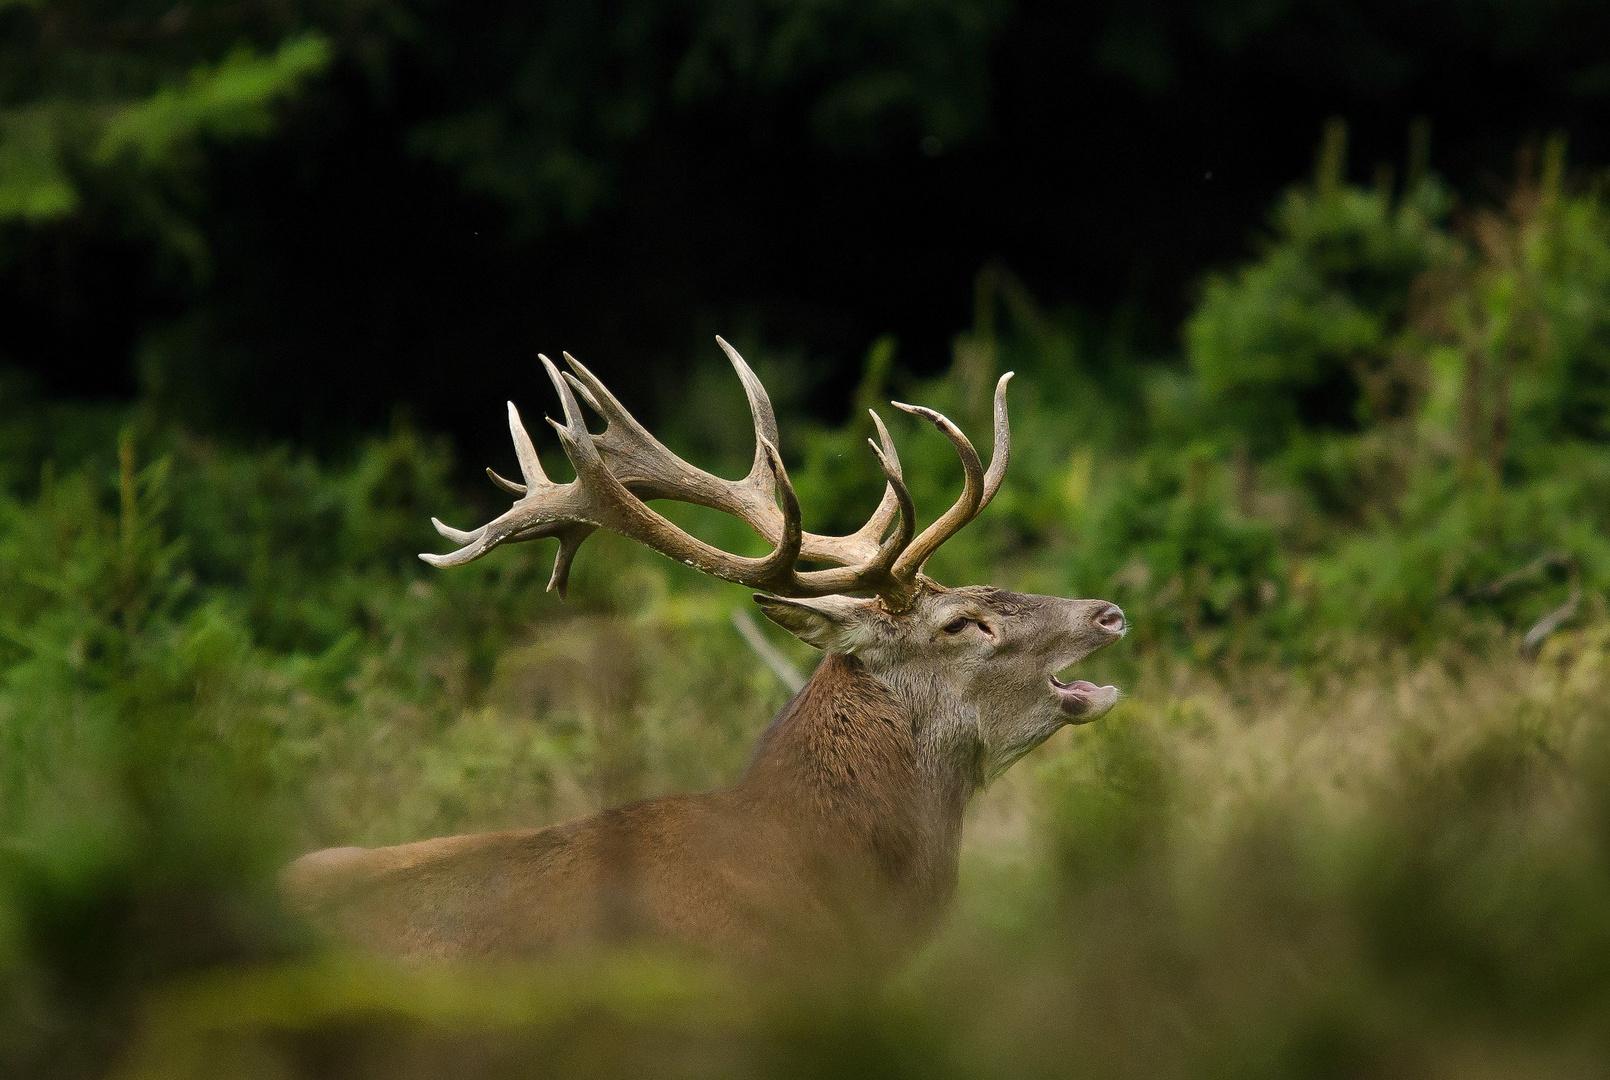 Der Wapiti-Hirsch - ein ungerader 22-Ender